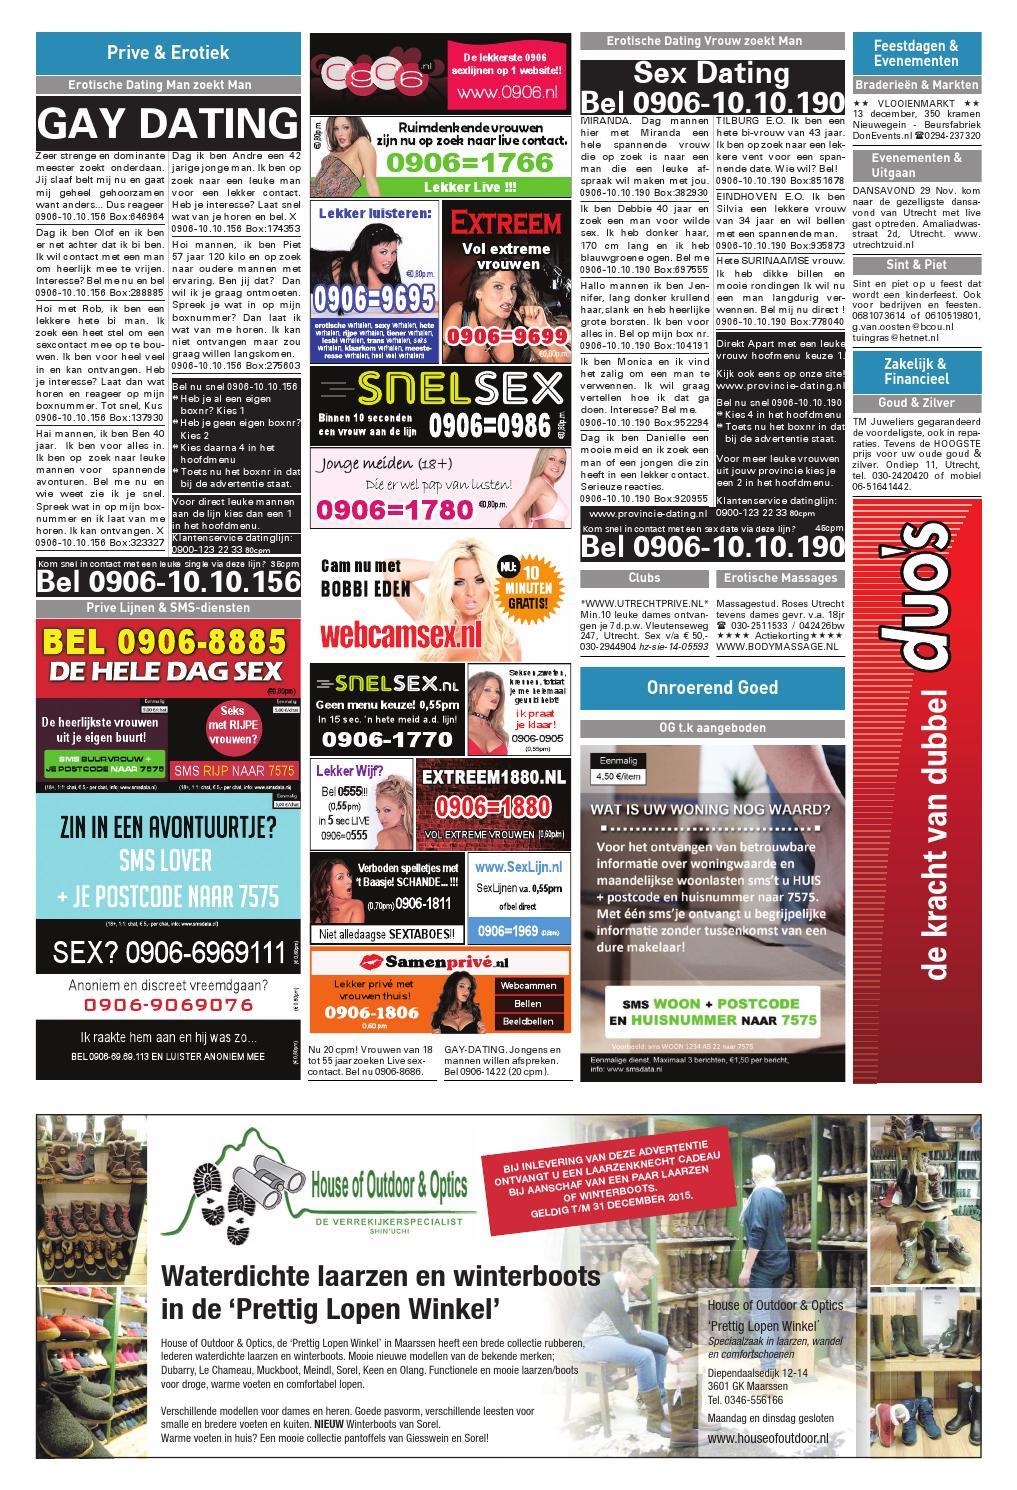 dating websites lijnen gratis dating sites Kitchener